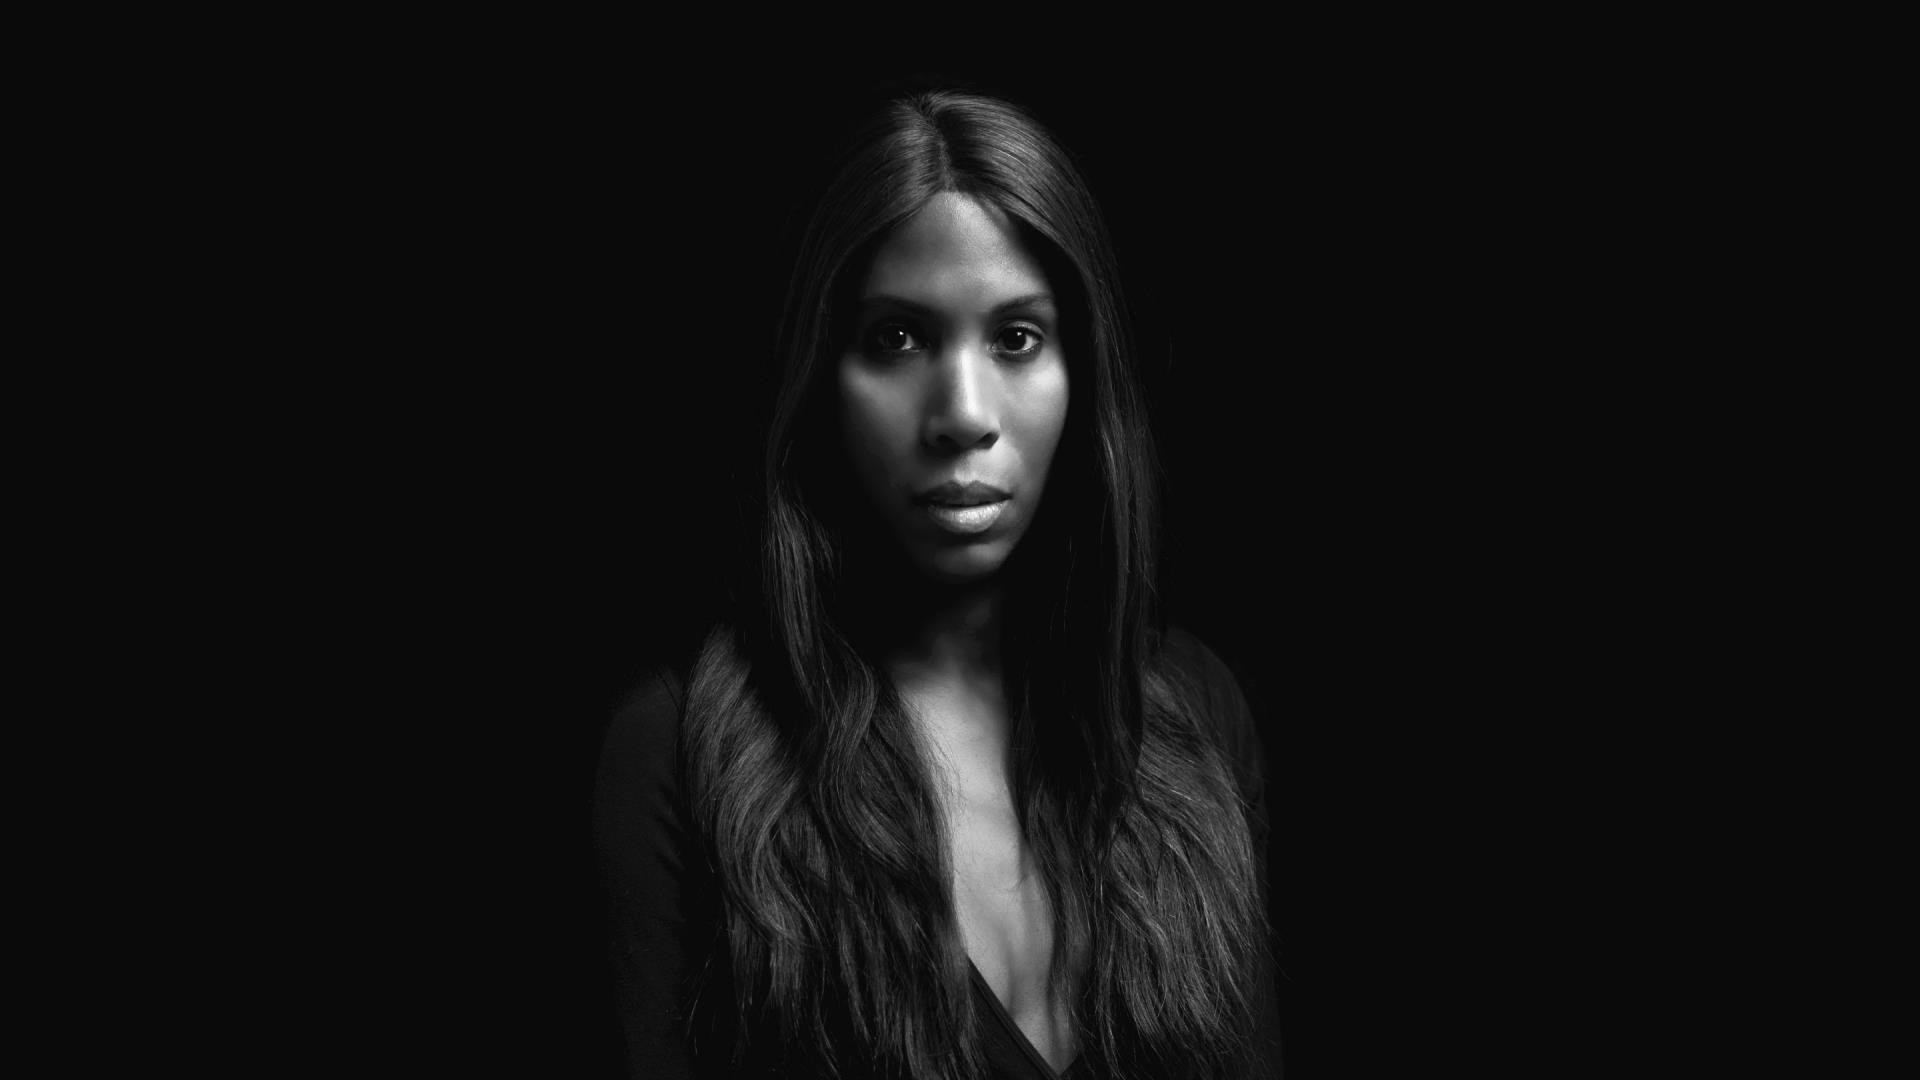 Negra e trans, DJ Honey Dijon traz house music de Chicago para São Paulo